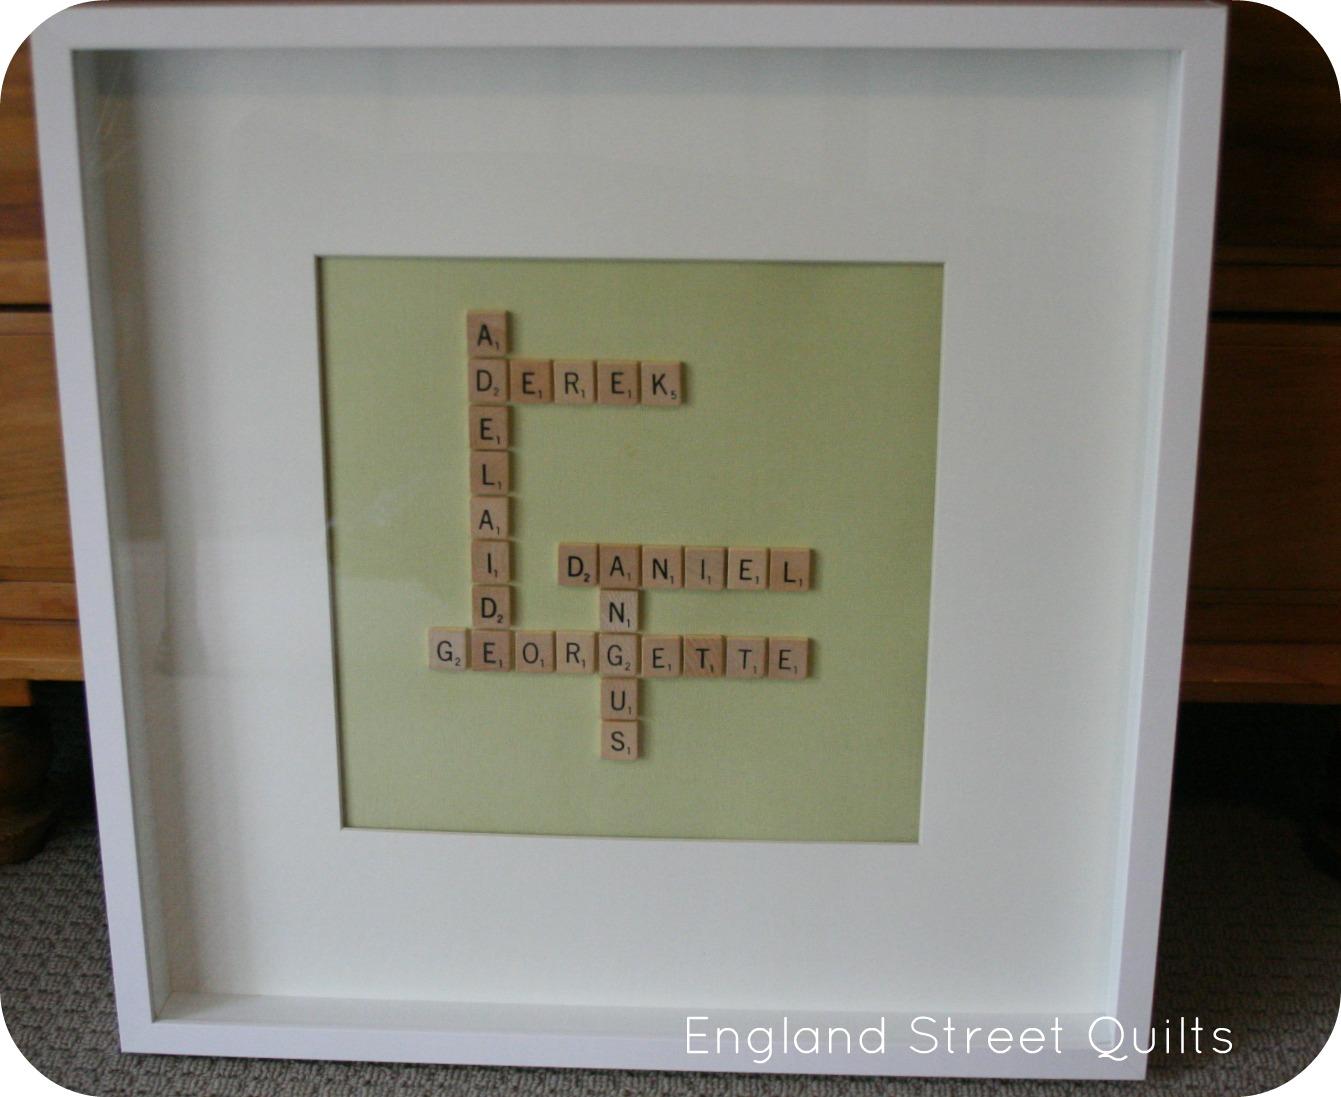 Scrabble Names Wall Art England Street Quilts Pinspiration Scrabble Wall Art Tutorial